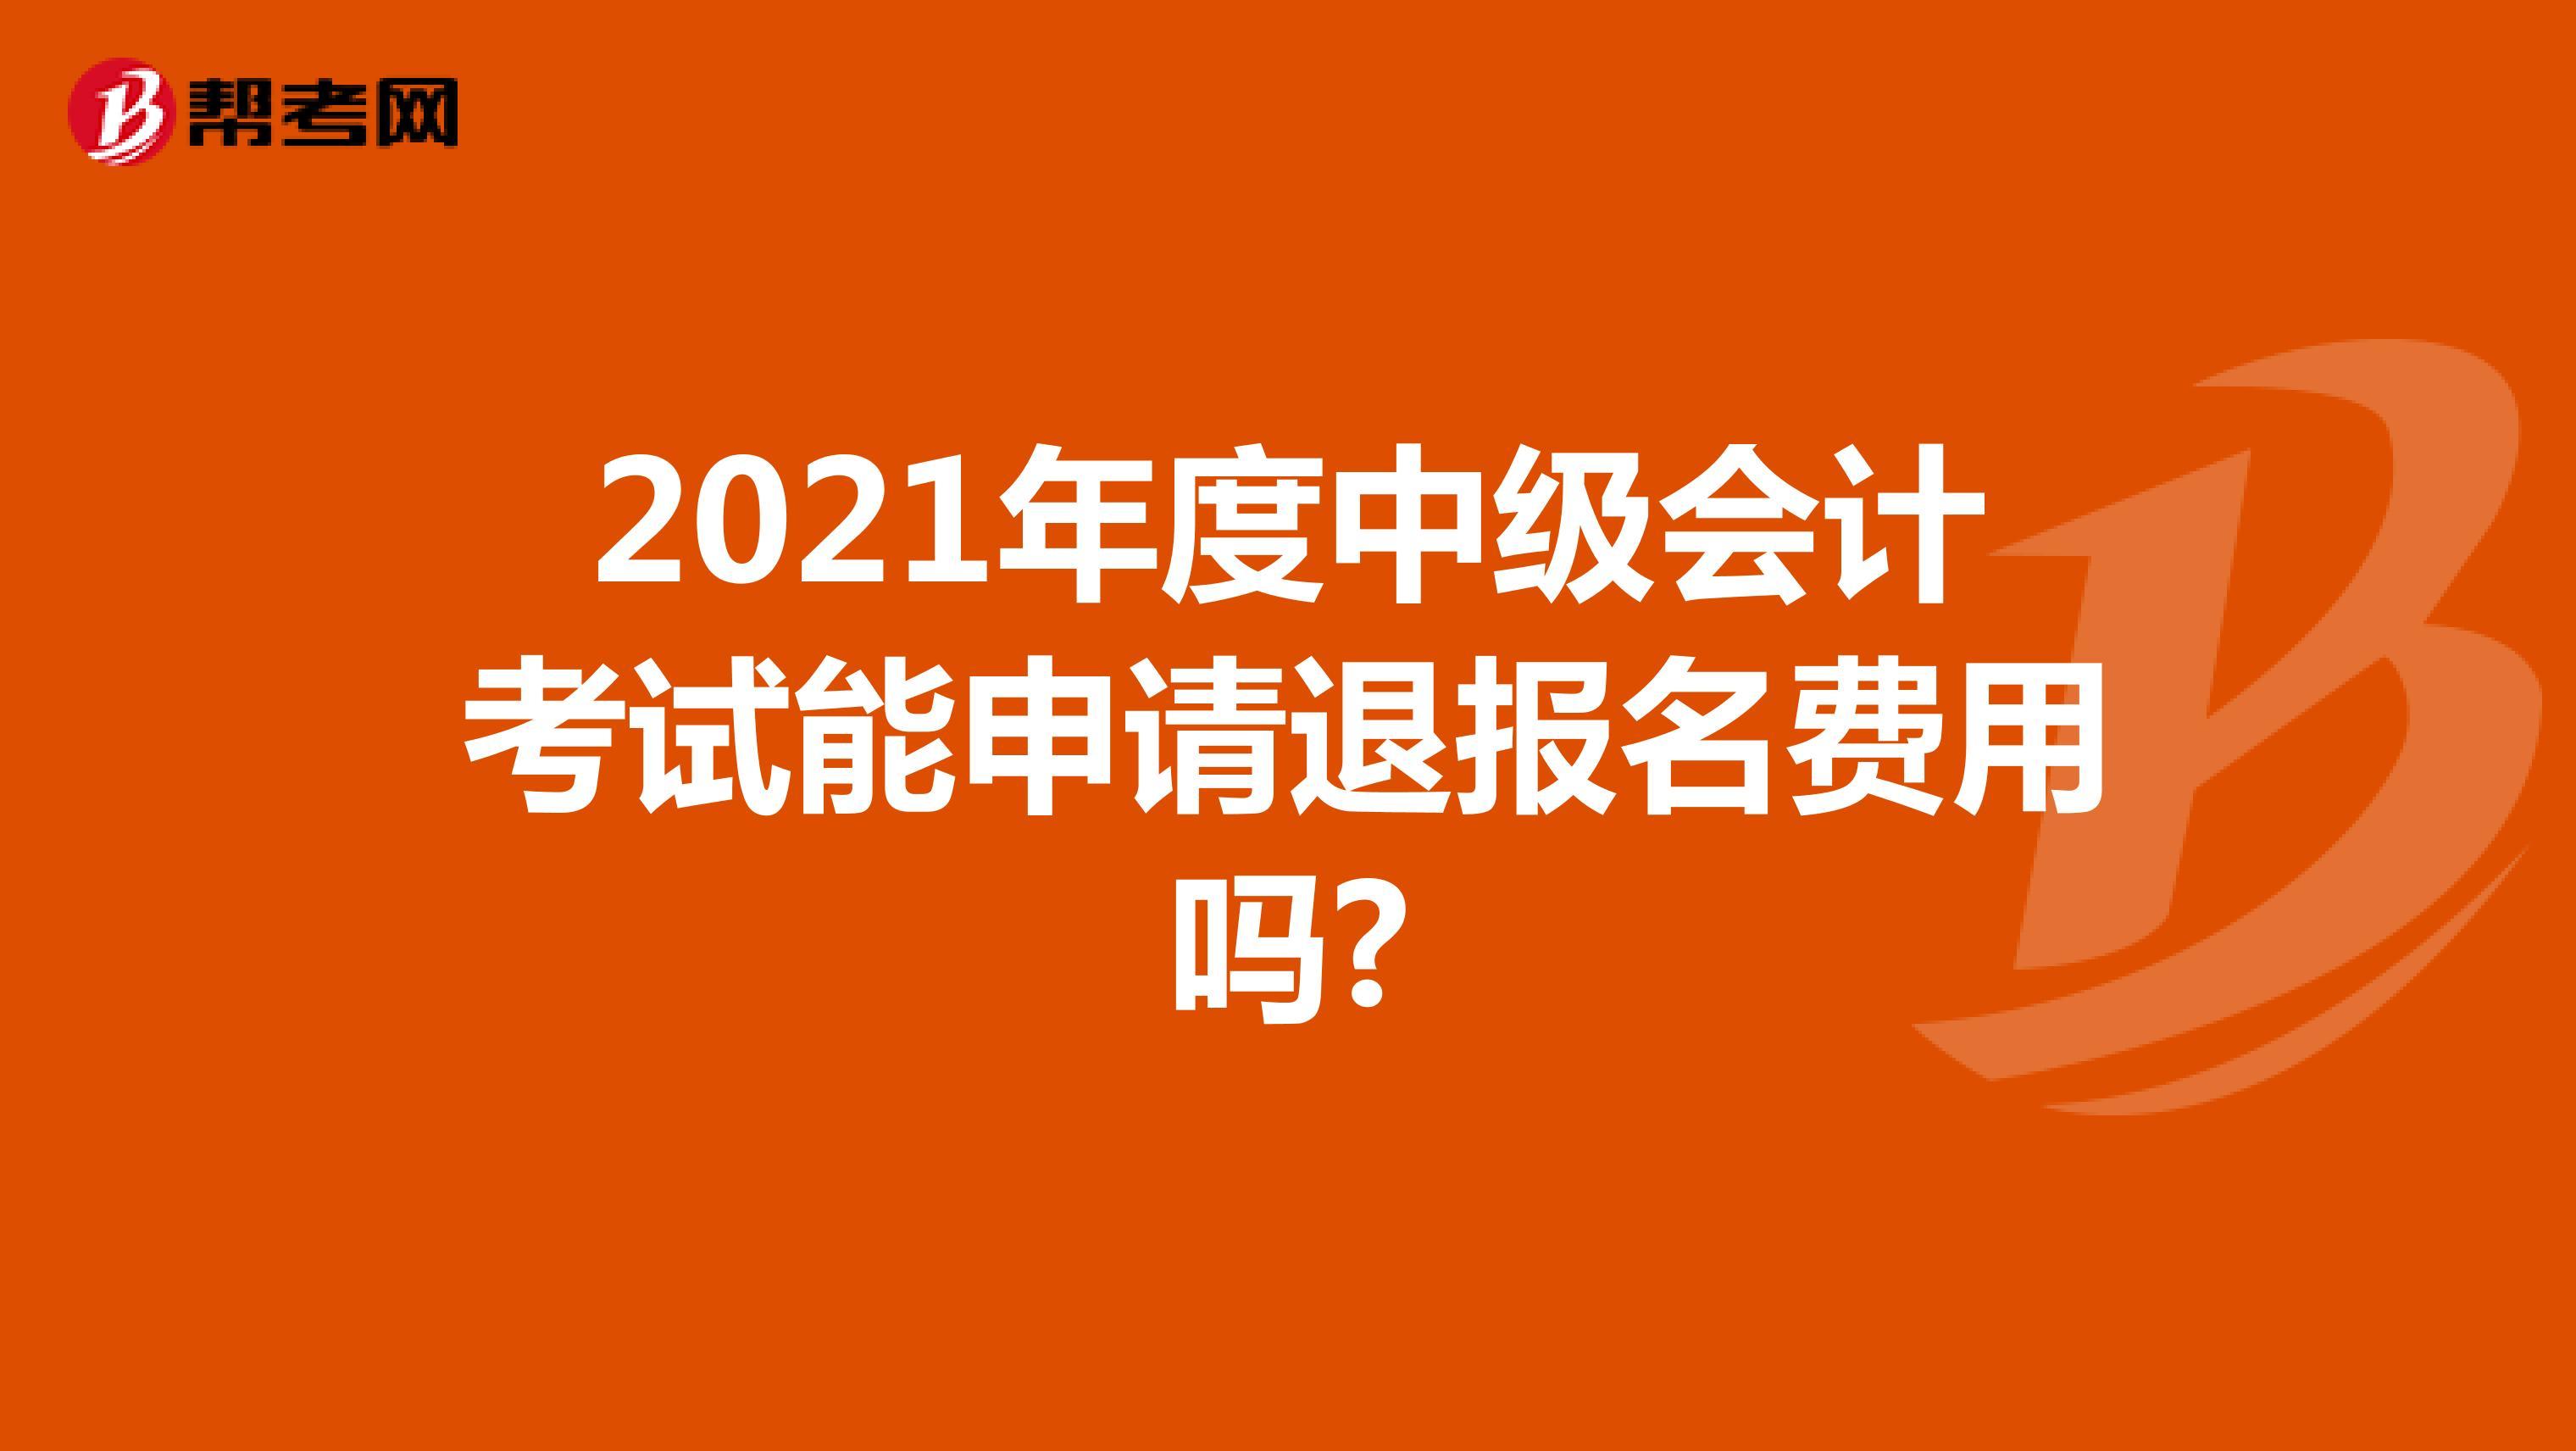 2021年度中级会计考试能申请退报名费用吗?